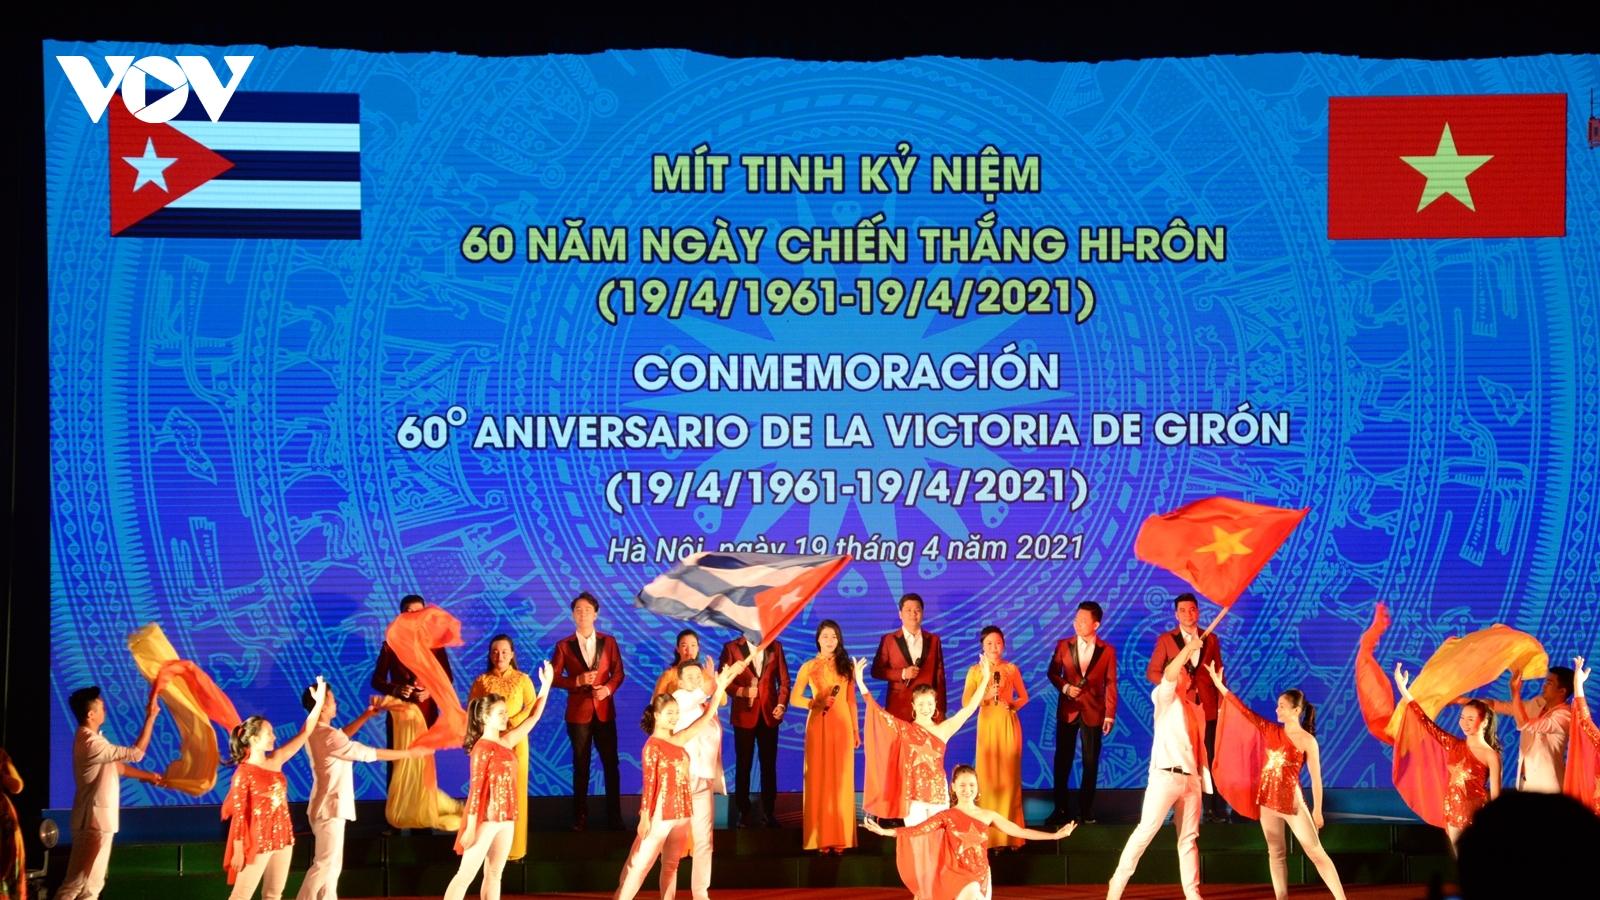 Việt Nam kỷ niệm 60 năm ngày Cuba đè bẹp cuộc đổ bộ của nhóm lưu vong tại Giron